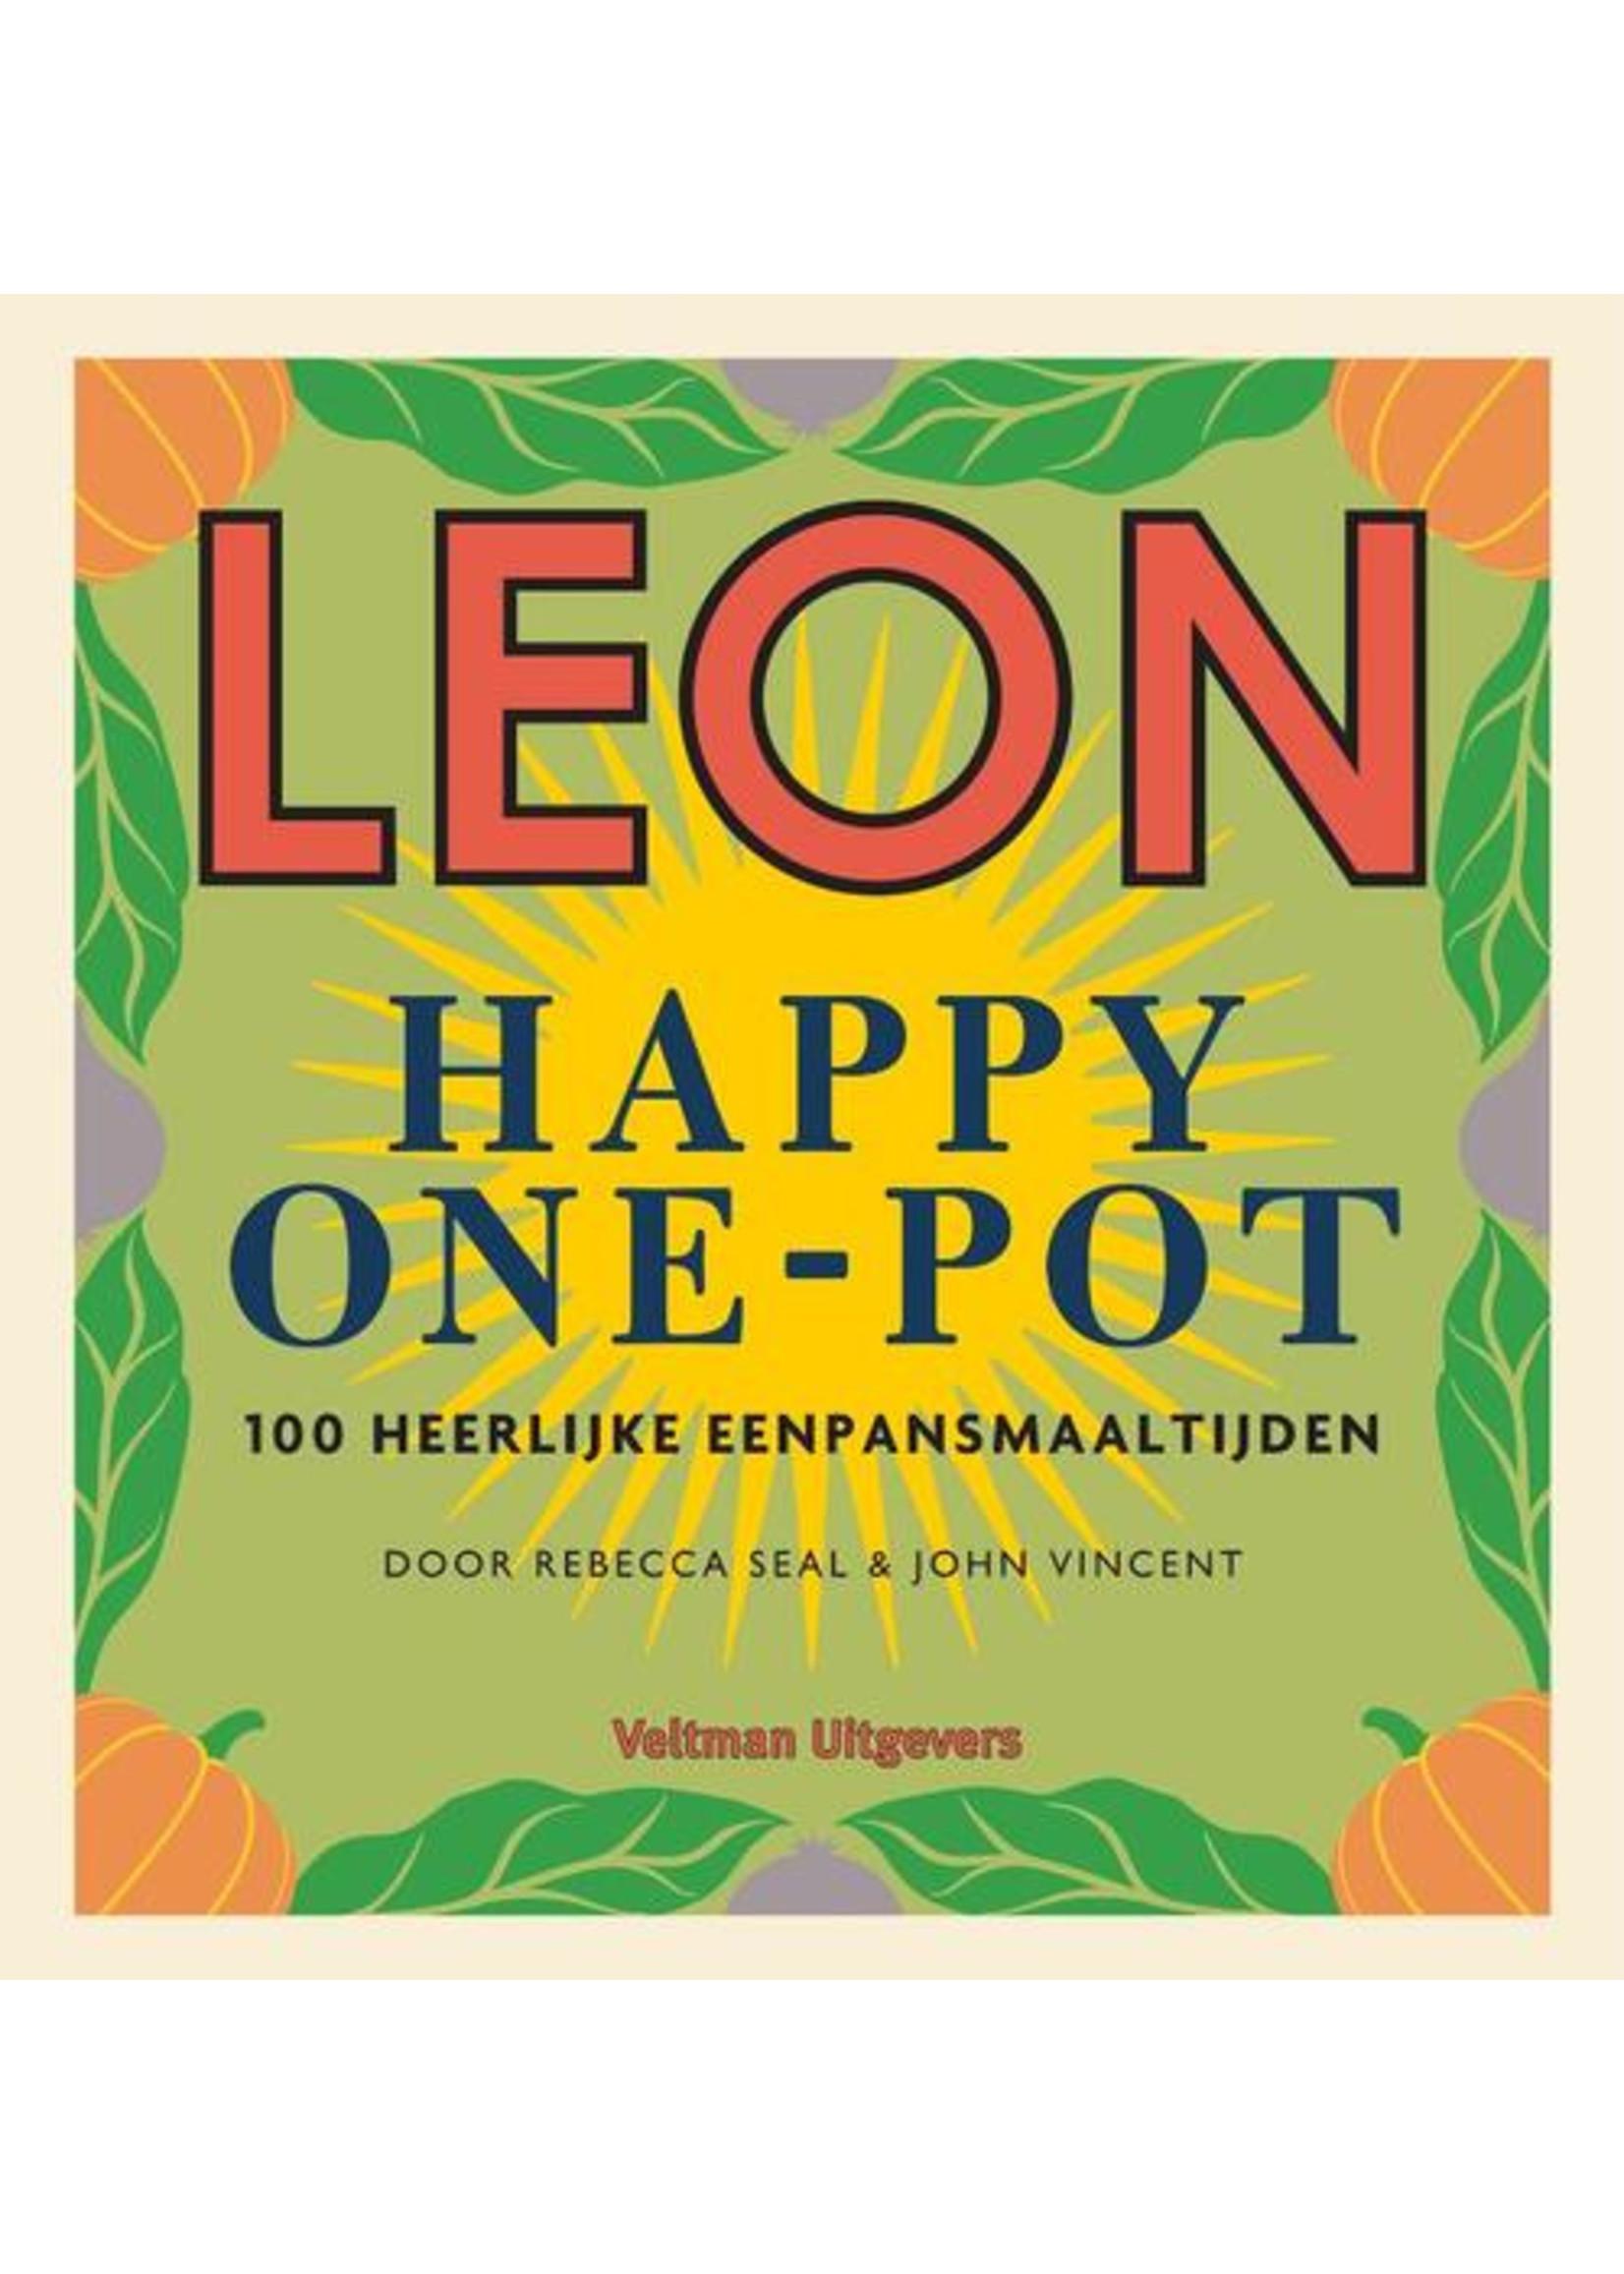 LEON Happy one-pot